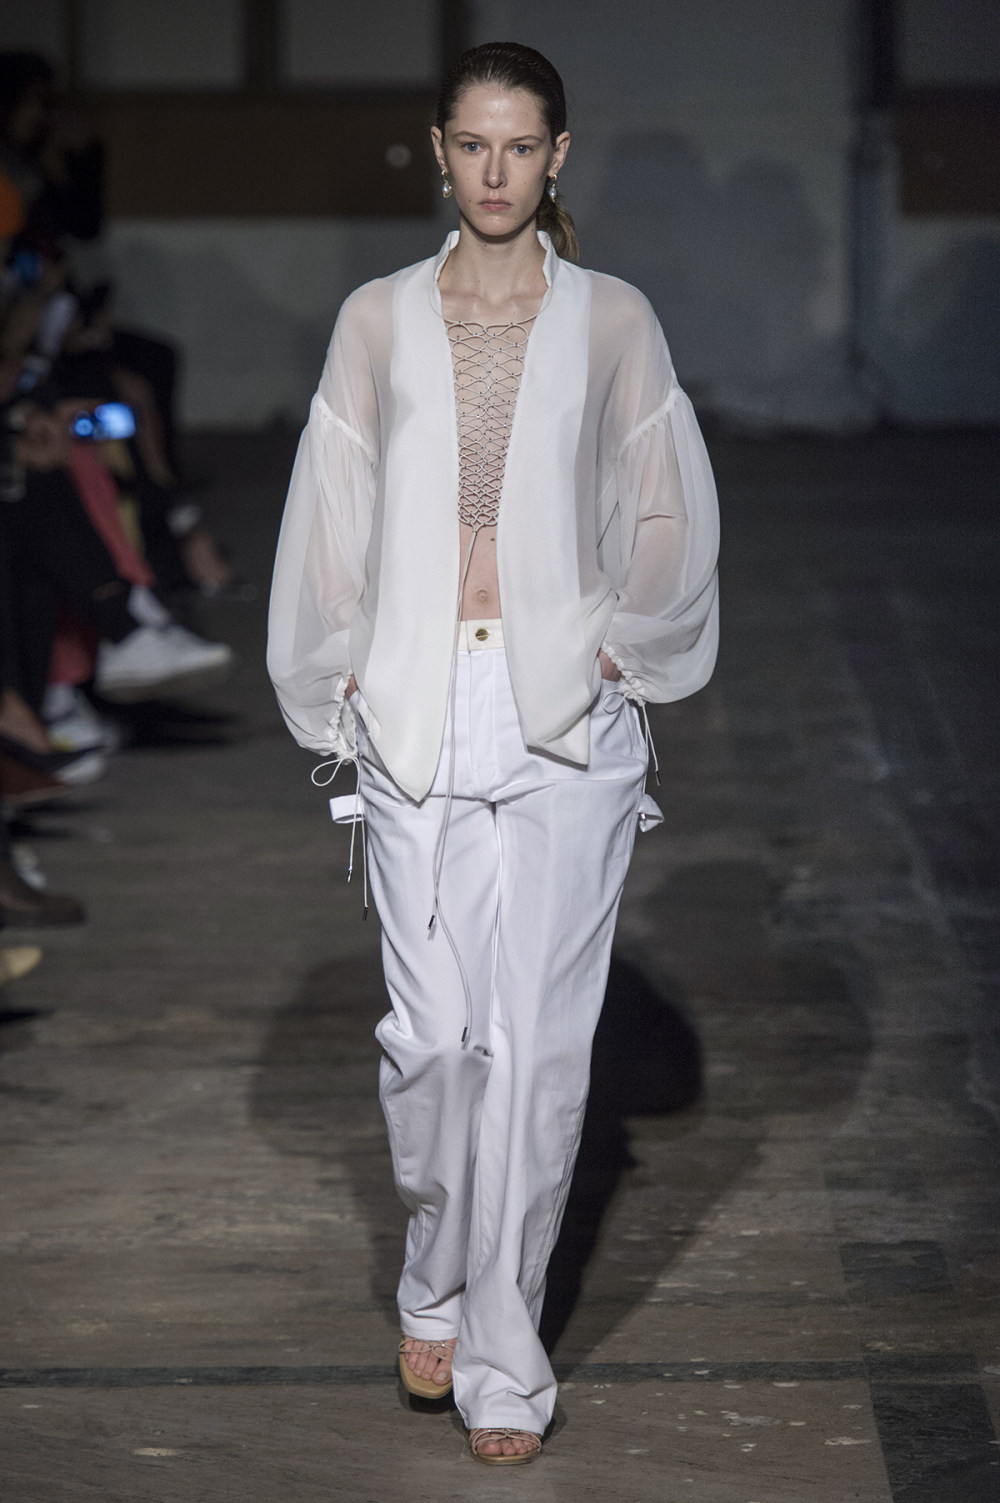 Dion Lee没有紧身衣的连衣裙被聚集或扭曲保持调色板的简约和奢华-30.jpg